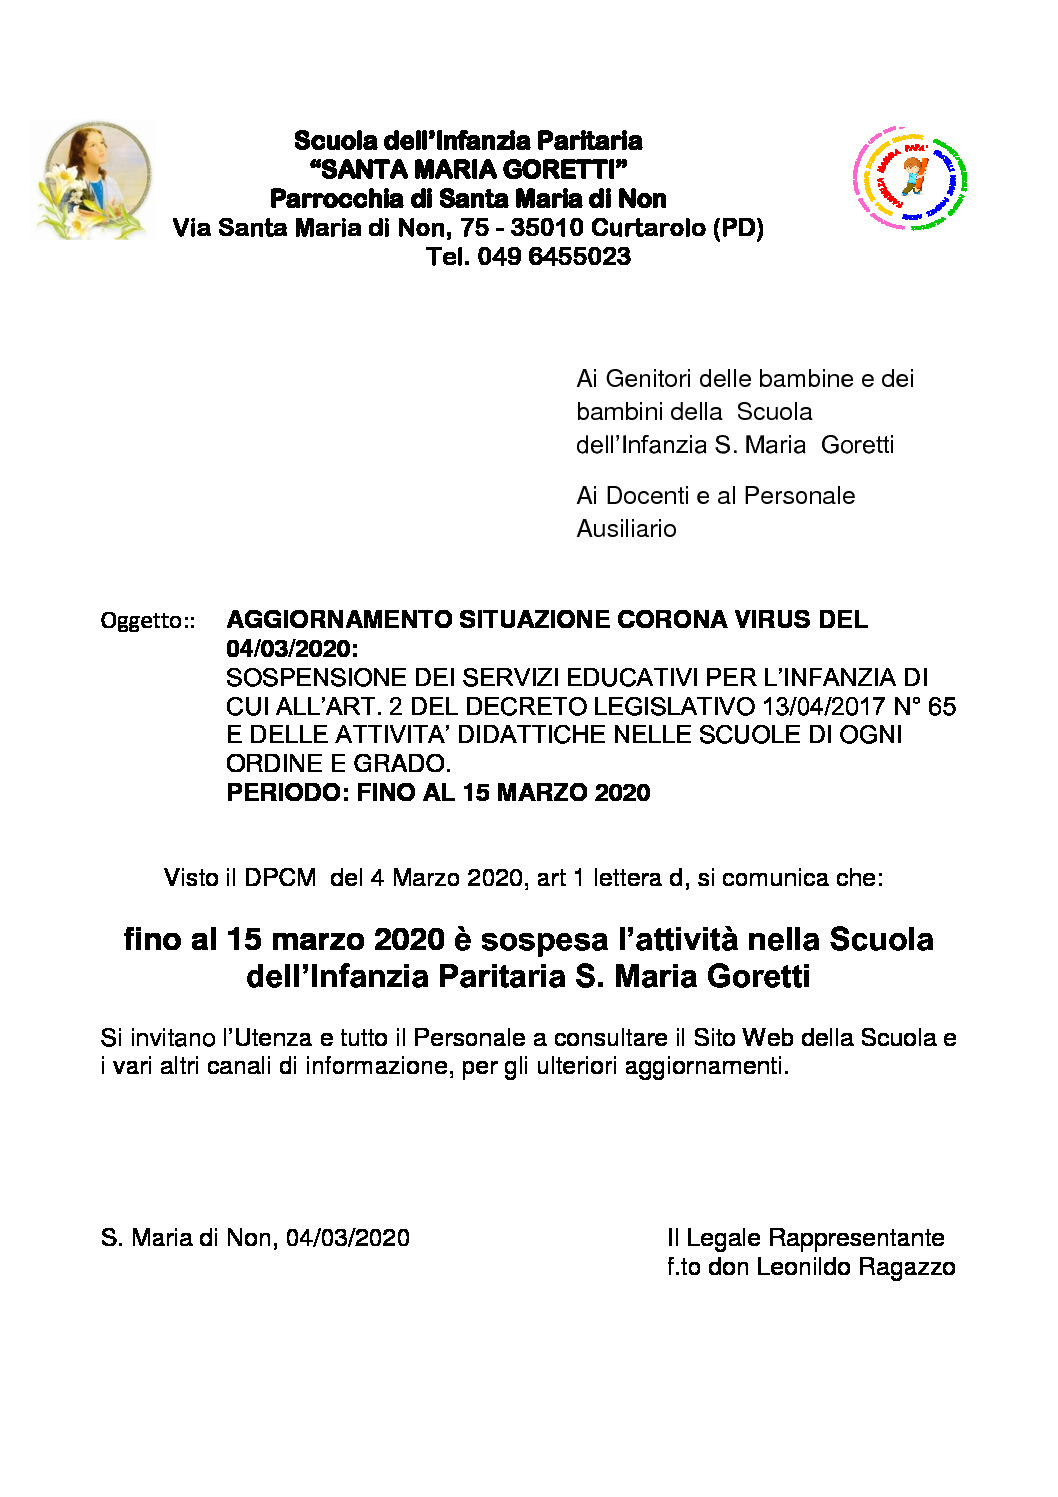 thumbnail of Aggiornamento Sospensione Attività didattiche fino al 15 marzo-2020